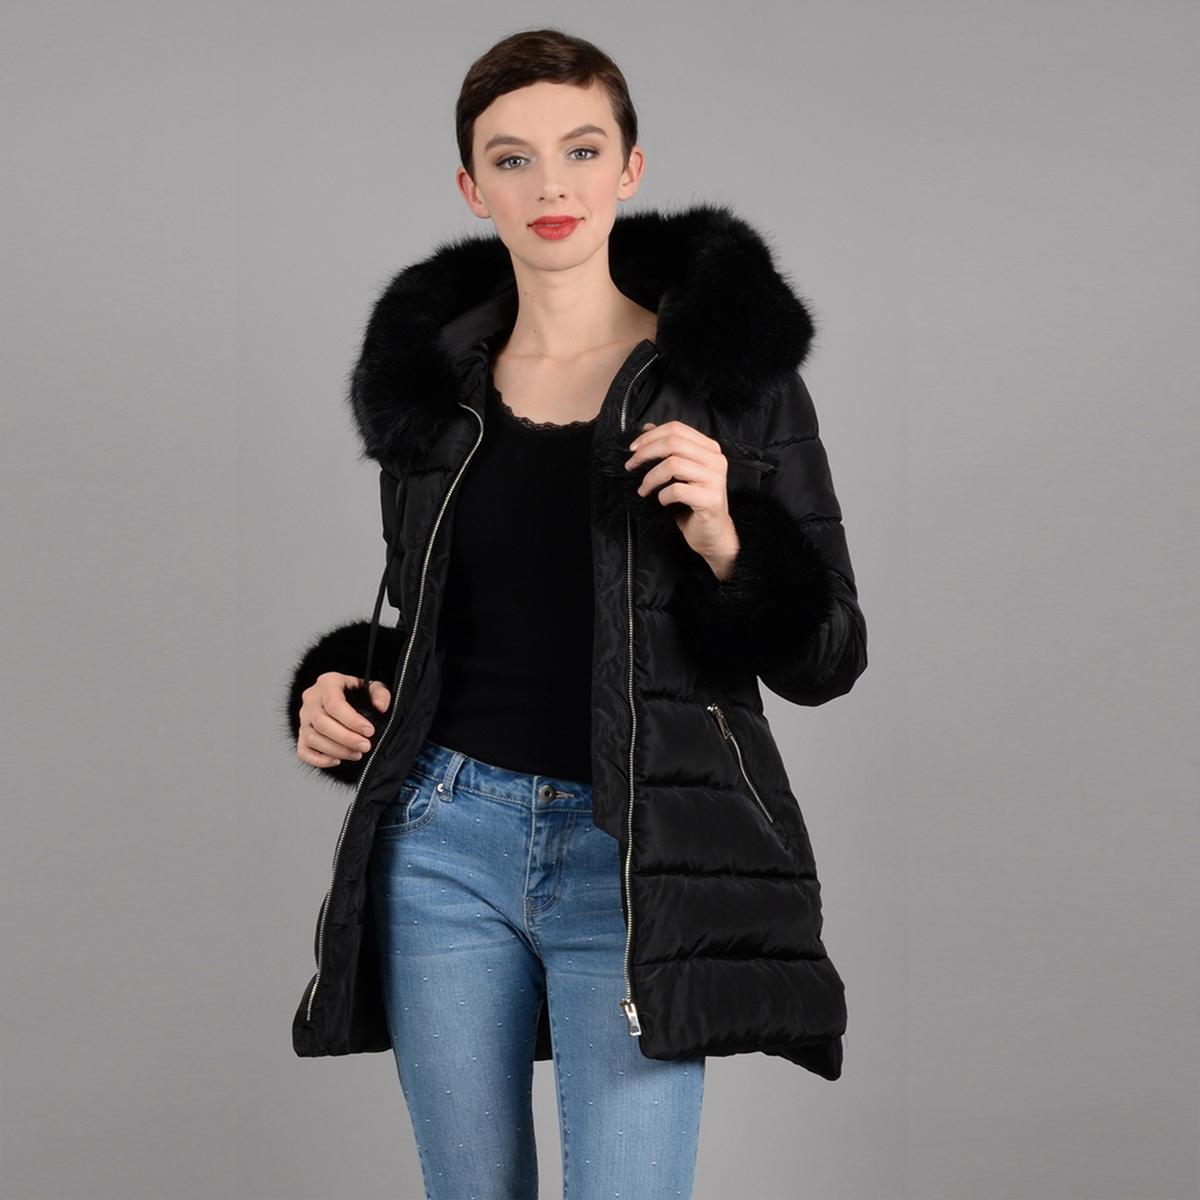 Куртка средней длины с застежкой на молнию, демисезонная модель